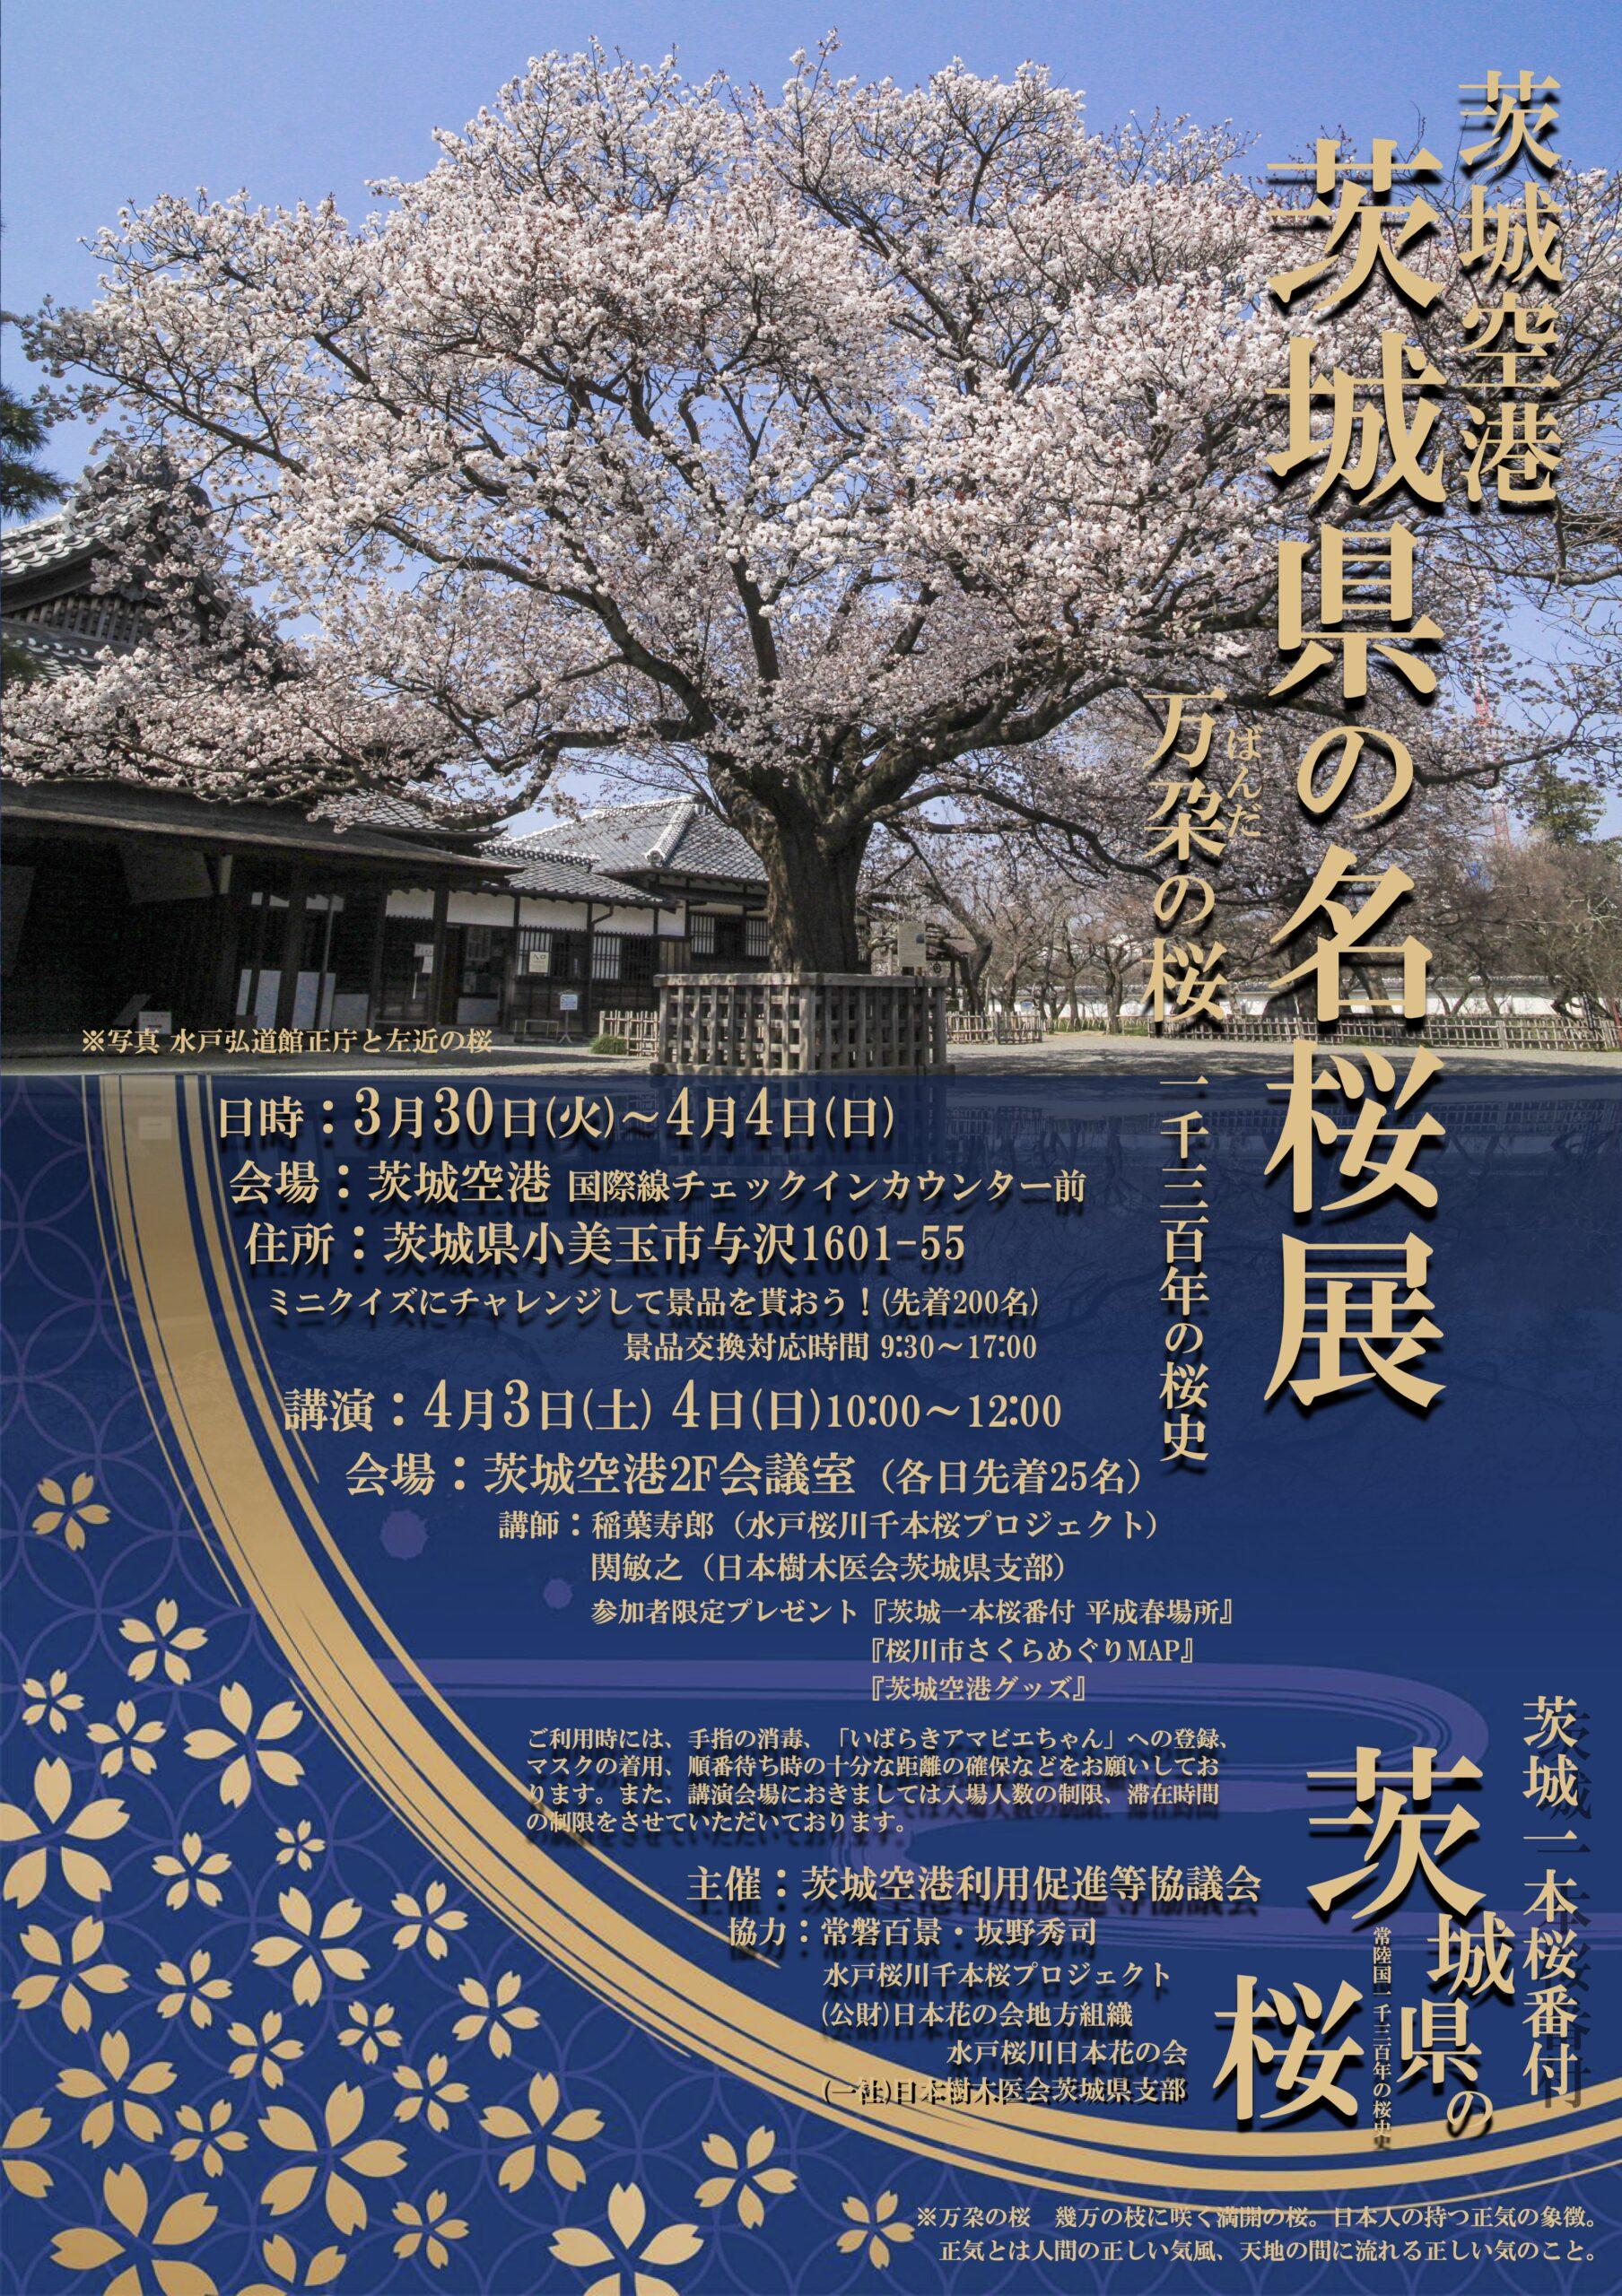 茨城県の名桜展チラシ